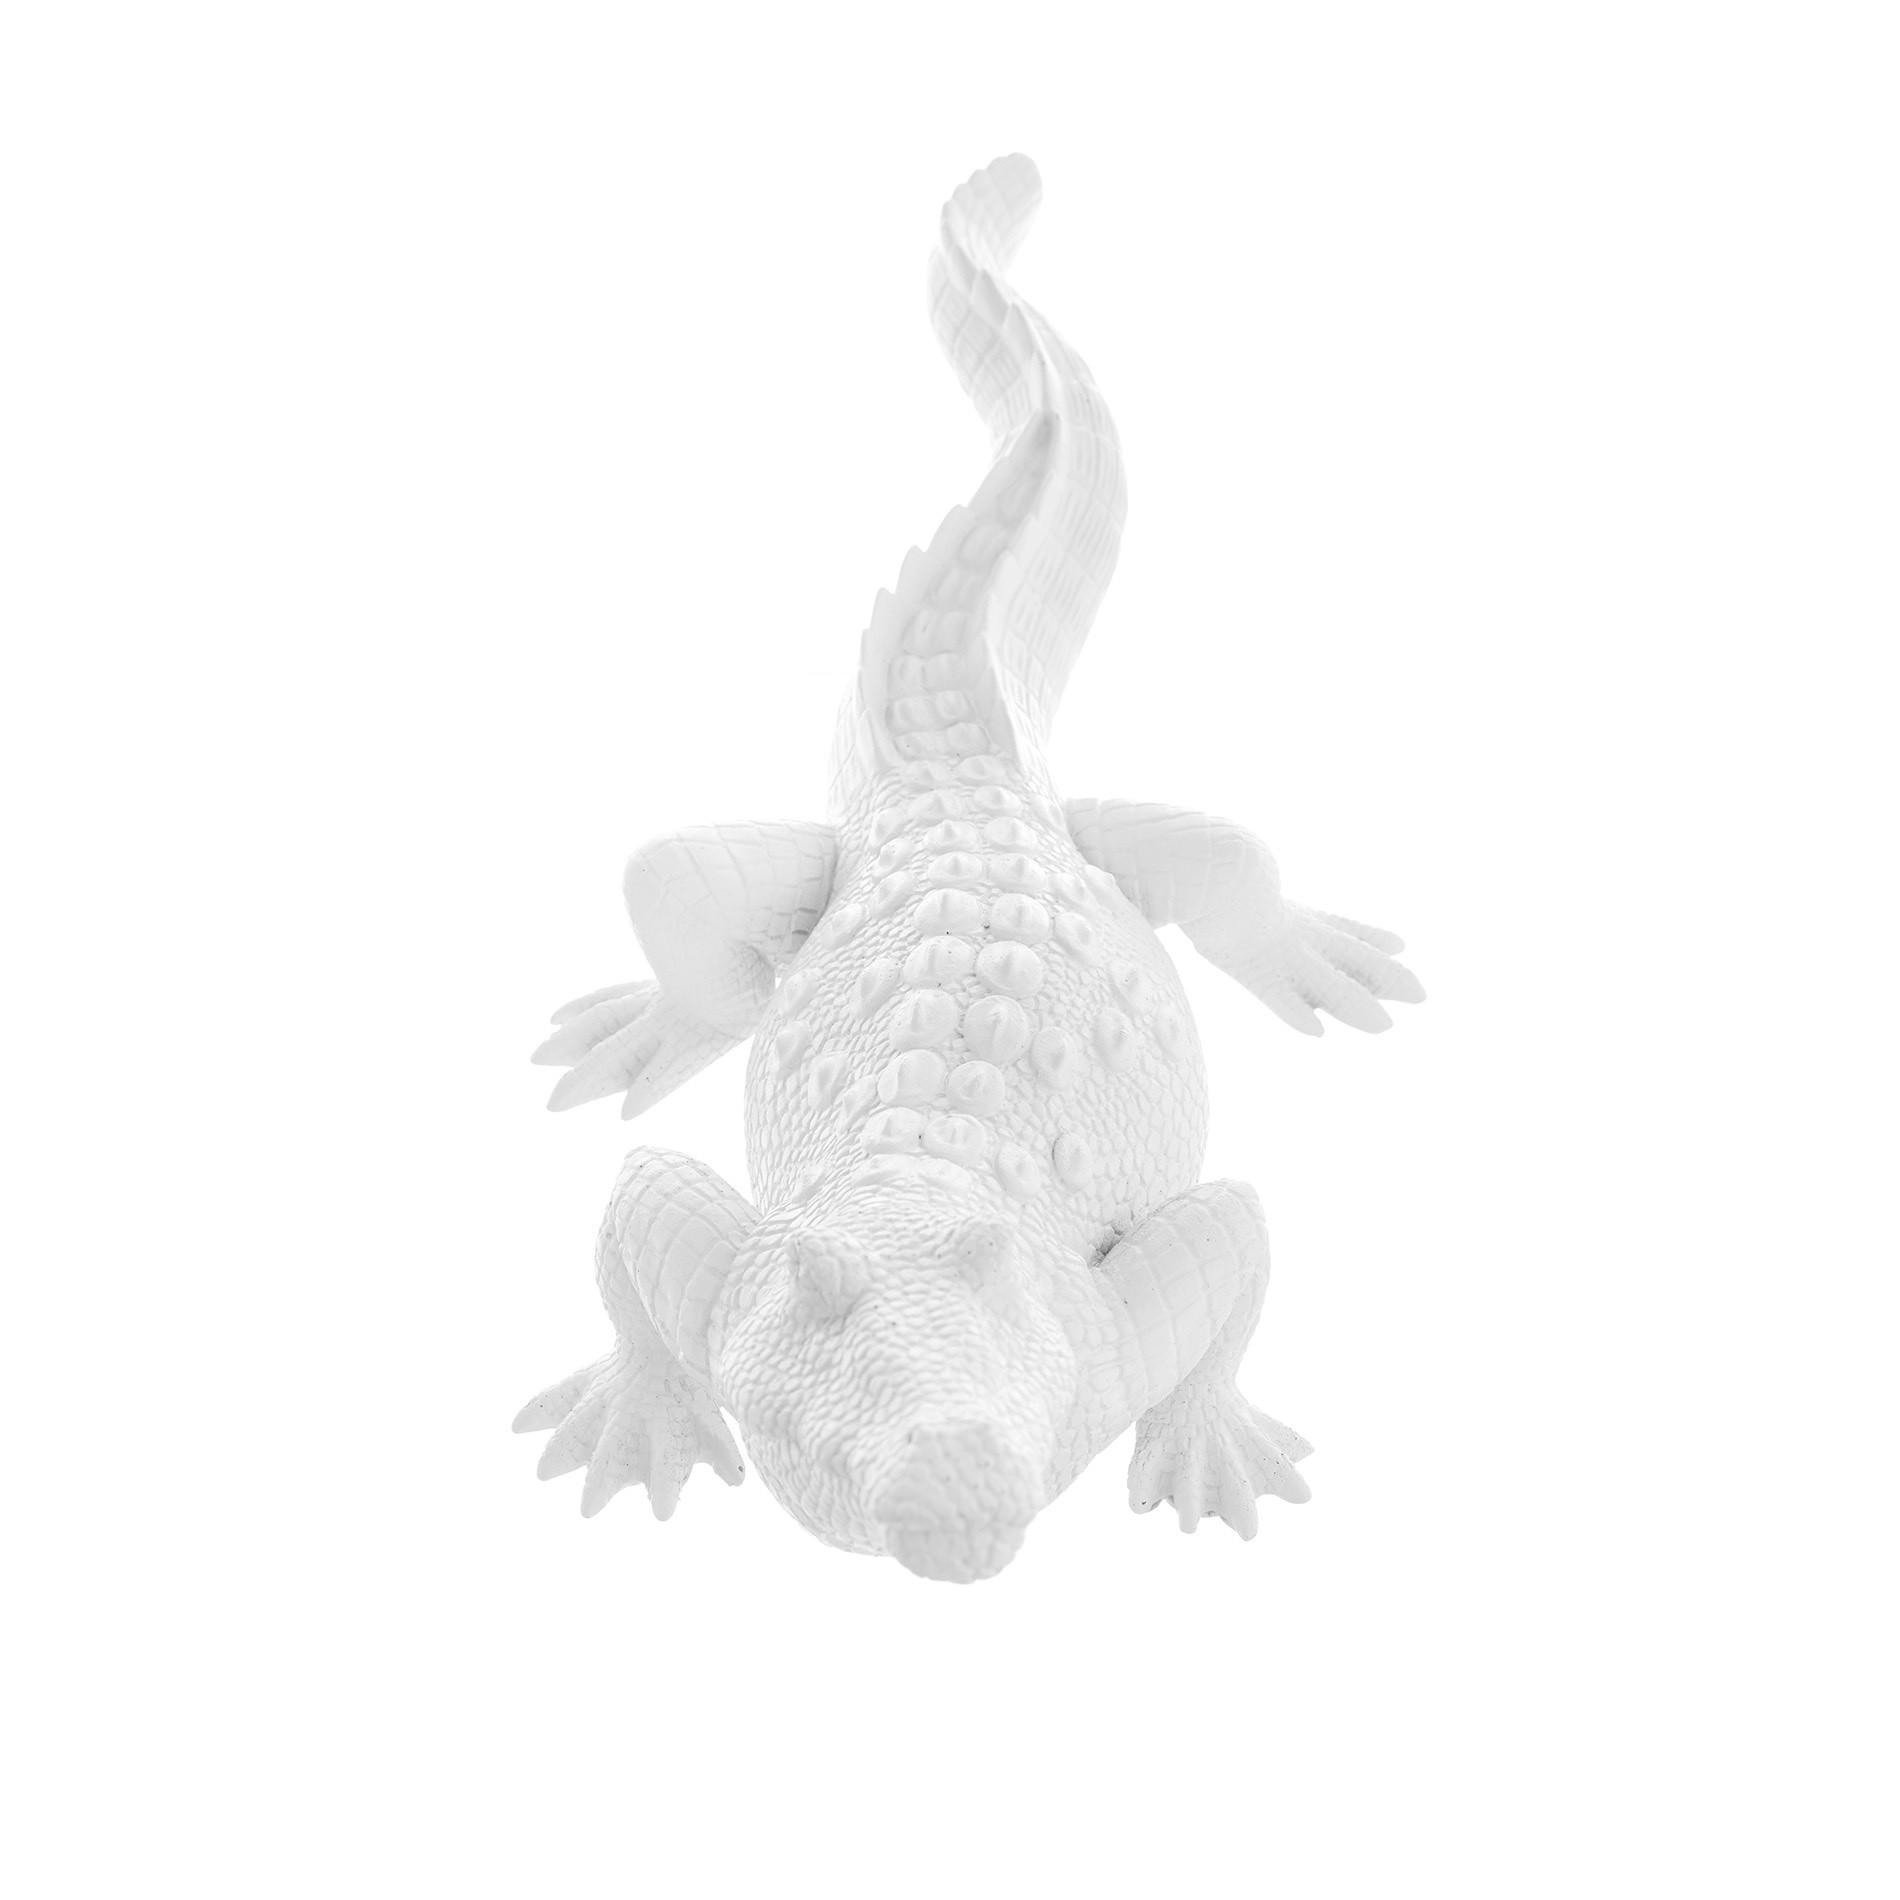 Coccodrillo decorativa rifinita a mano, Bianco, large image number 1